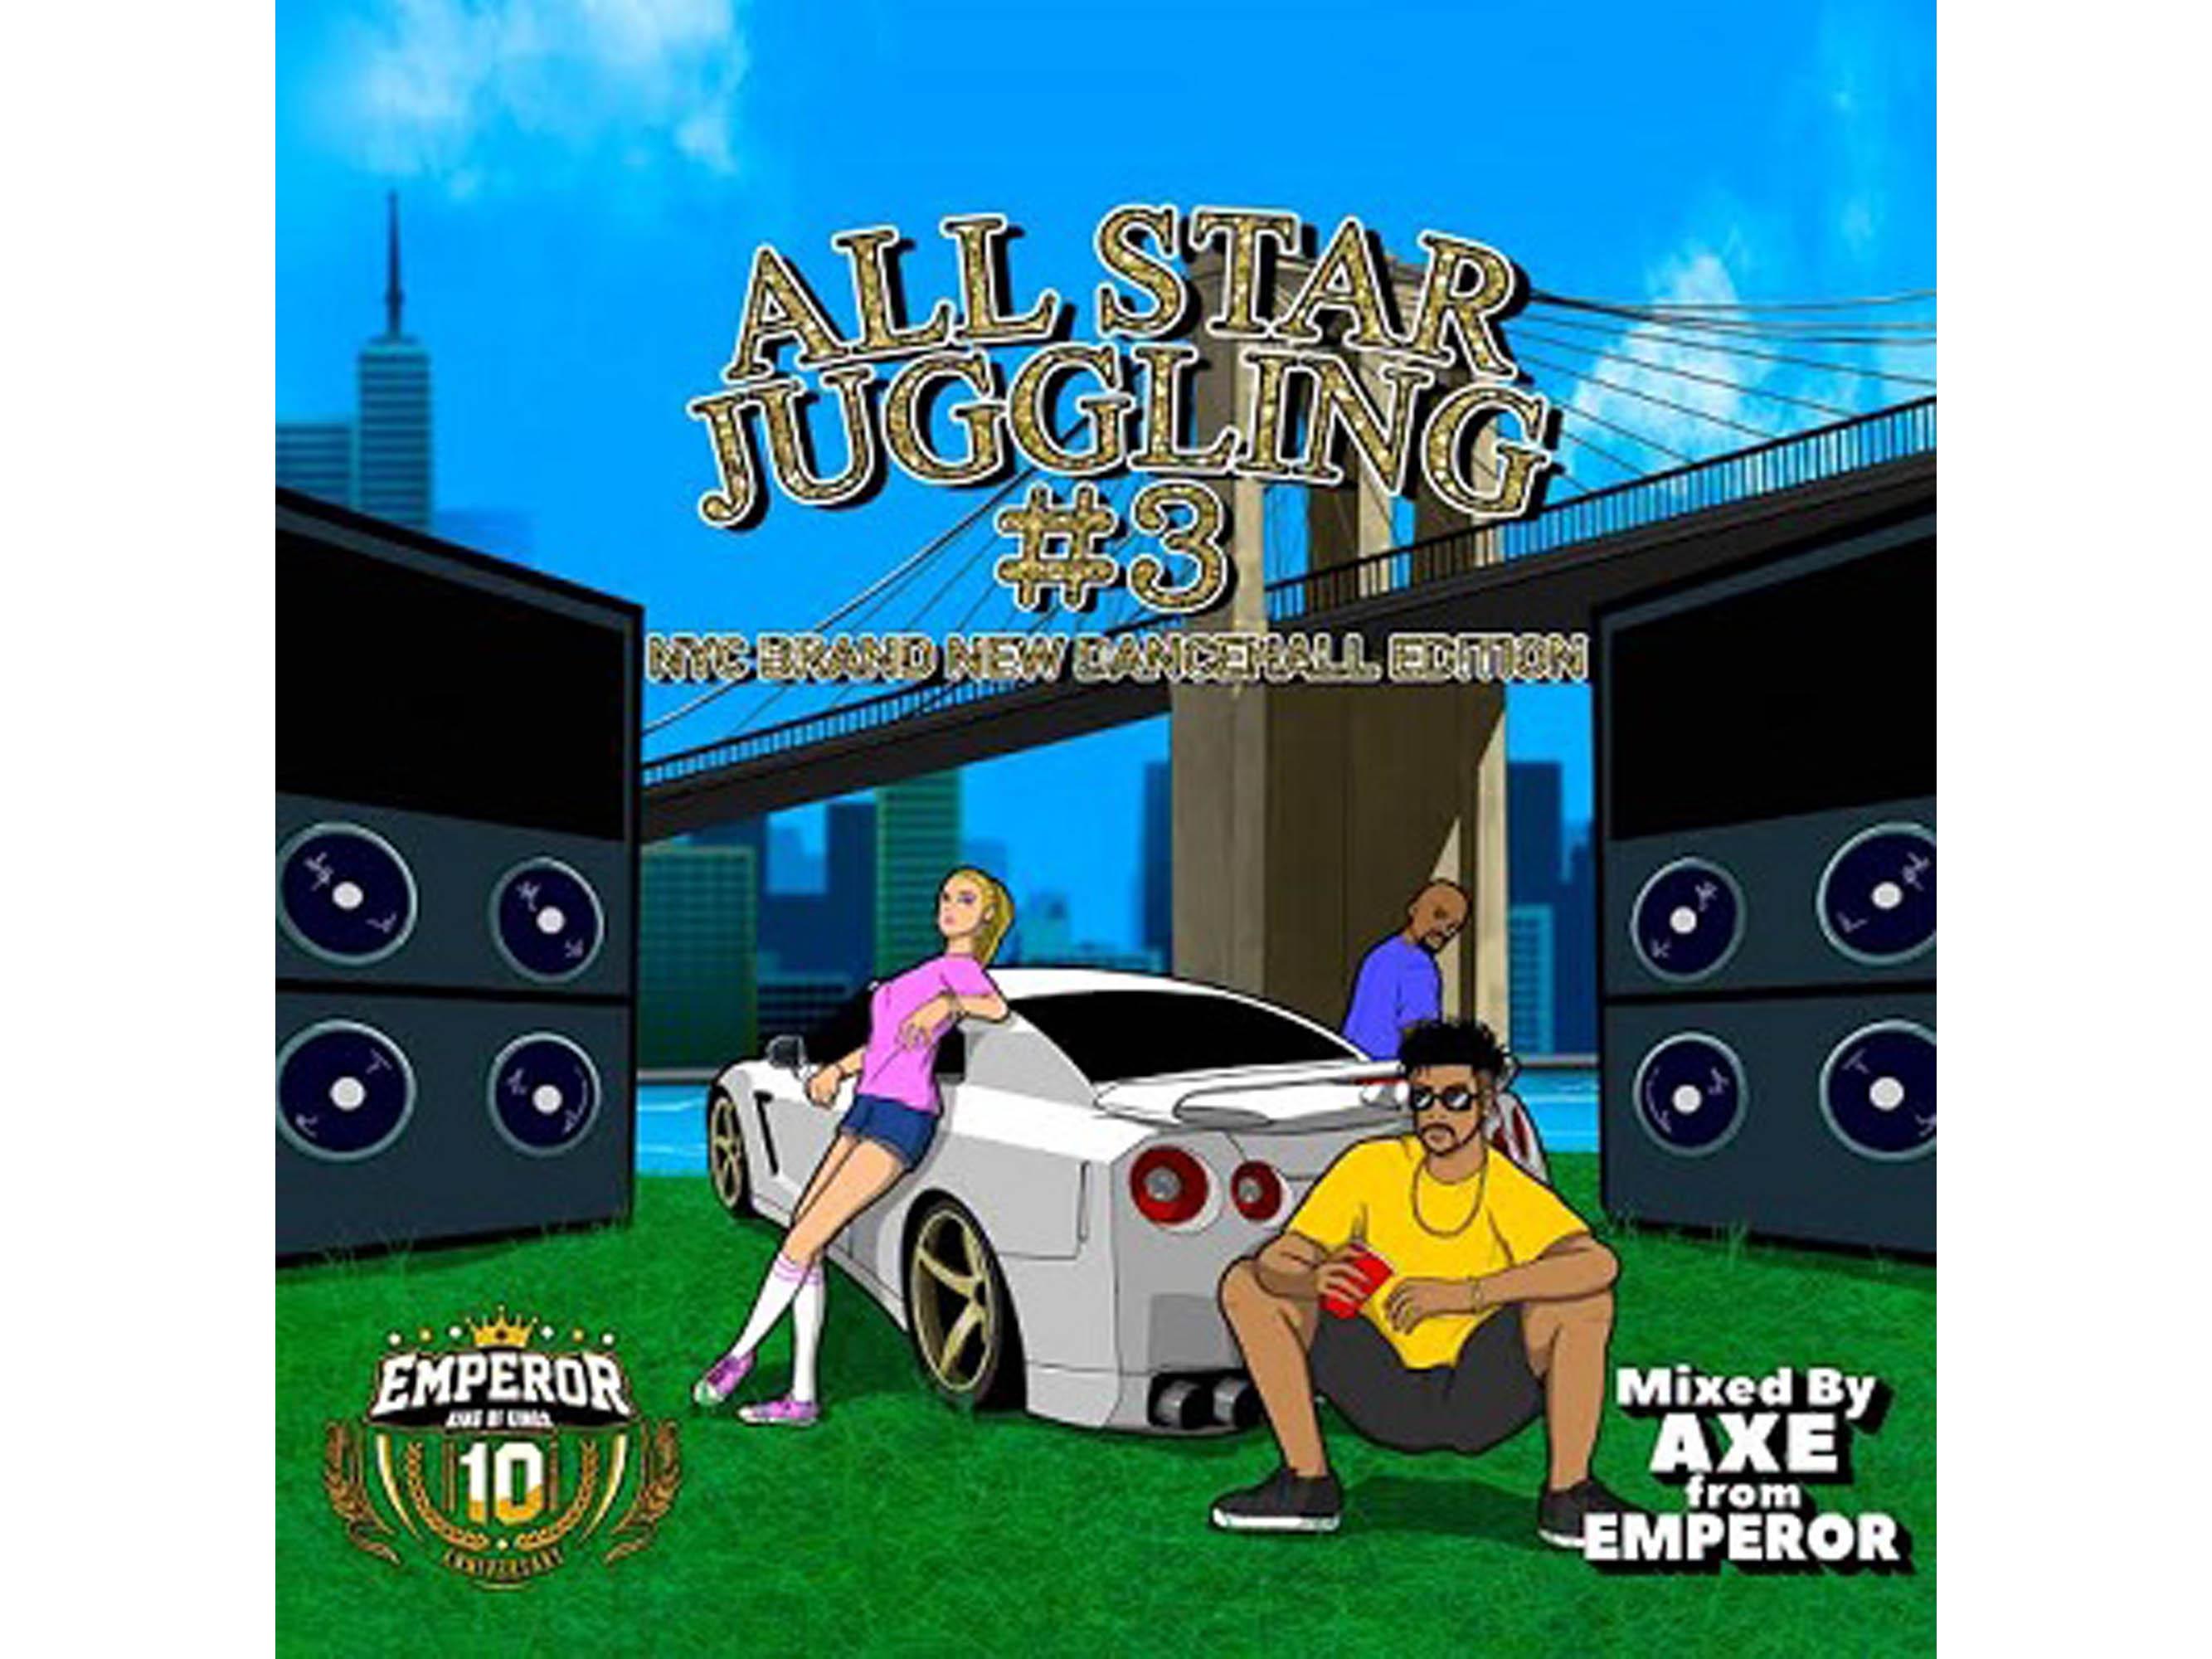 ALL STAR JUGGLING vol.3 - EMPEROR